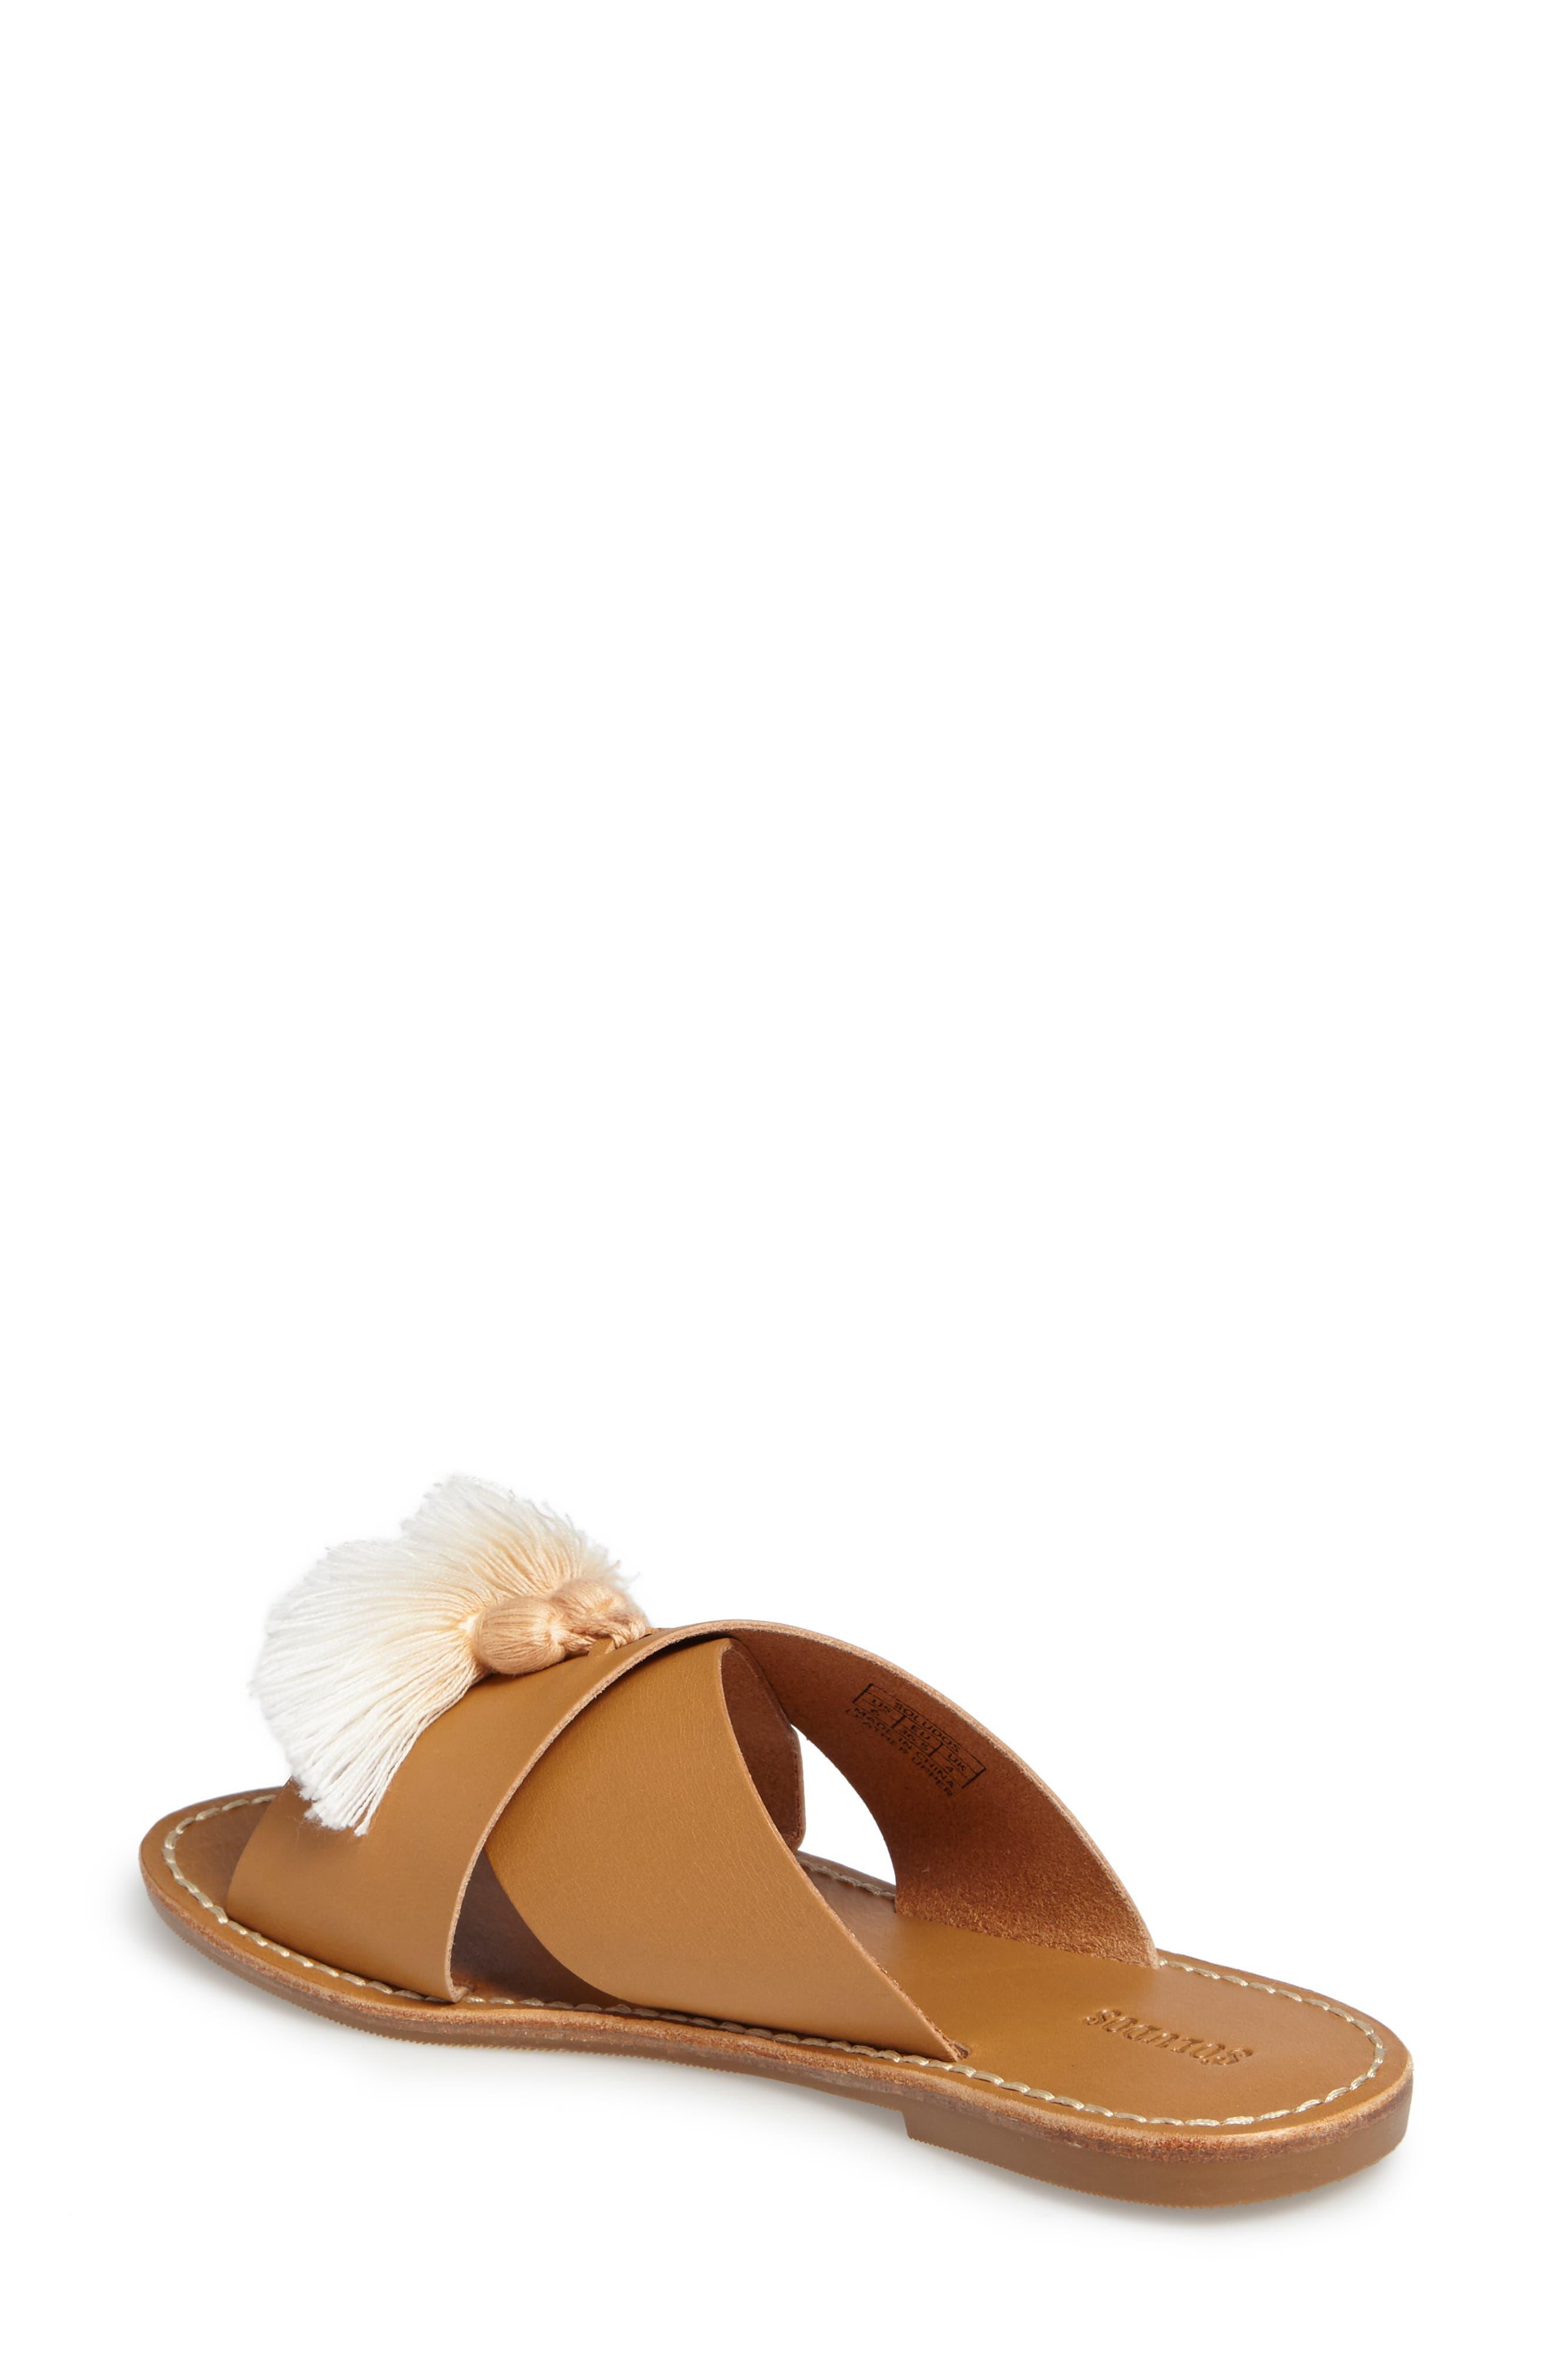 Tassel Slide Sandal,                             Alternate thumbnail 2, color,